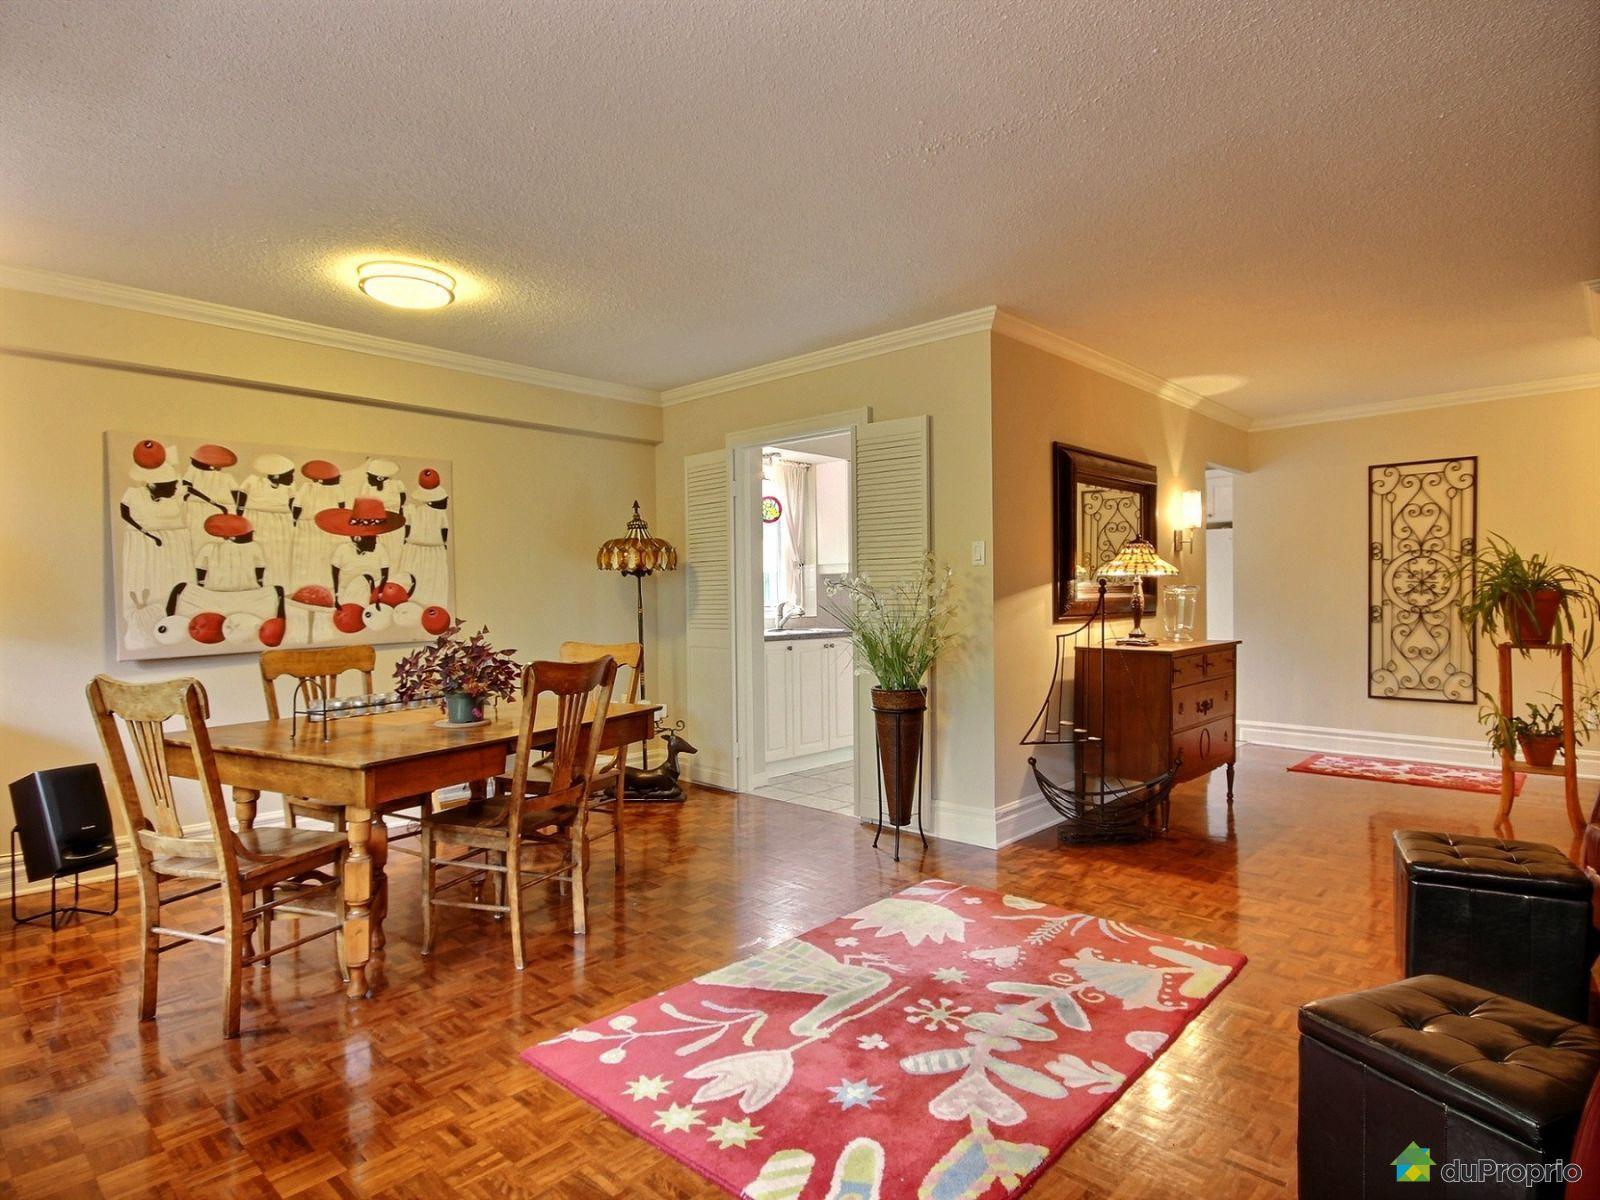 Condo vendre st lambert 415 40 rue du rh ne immobilier for Salle a manger a vendre